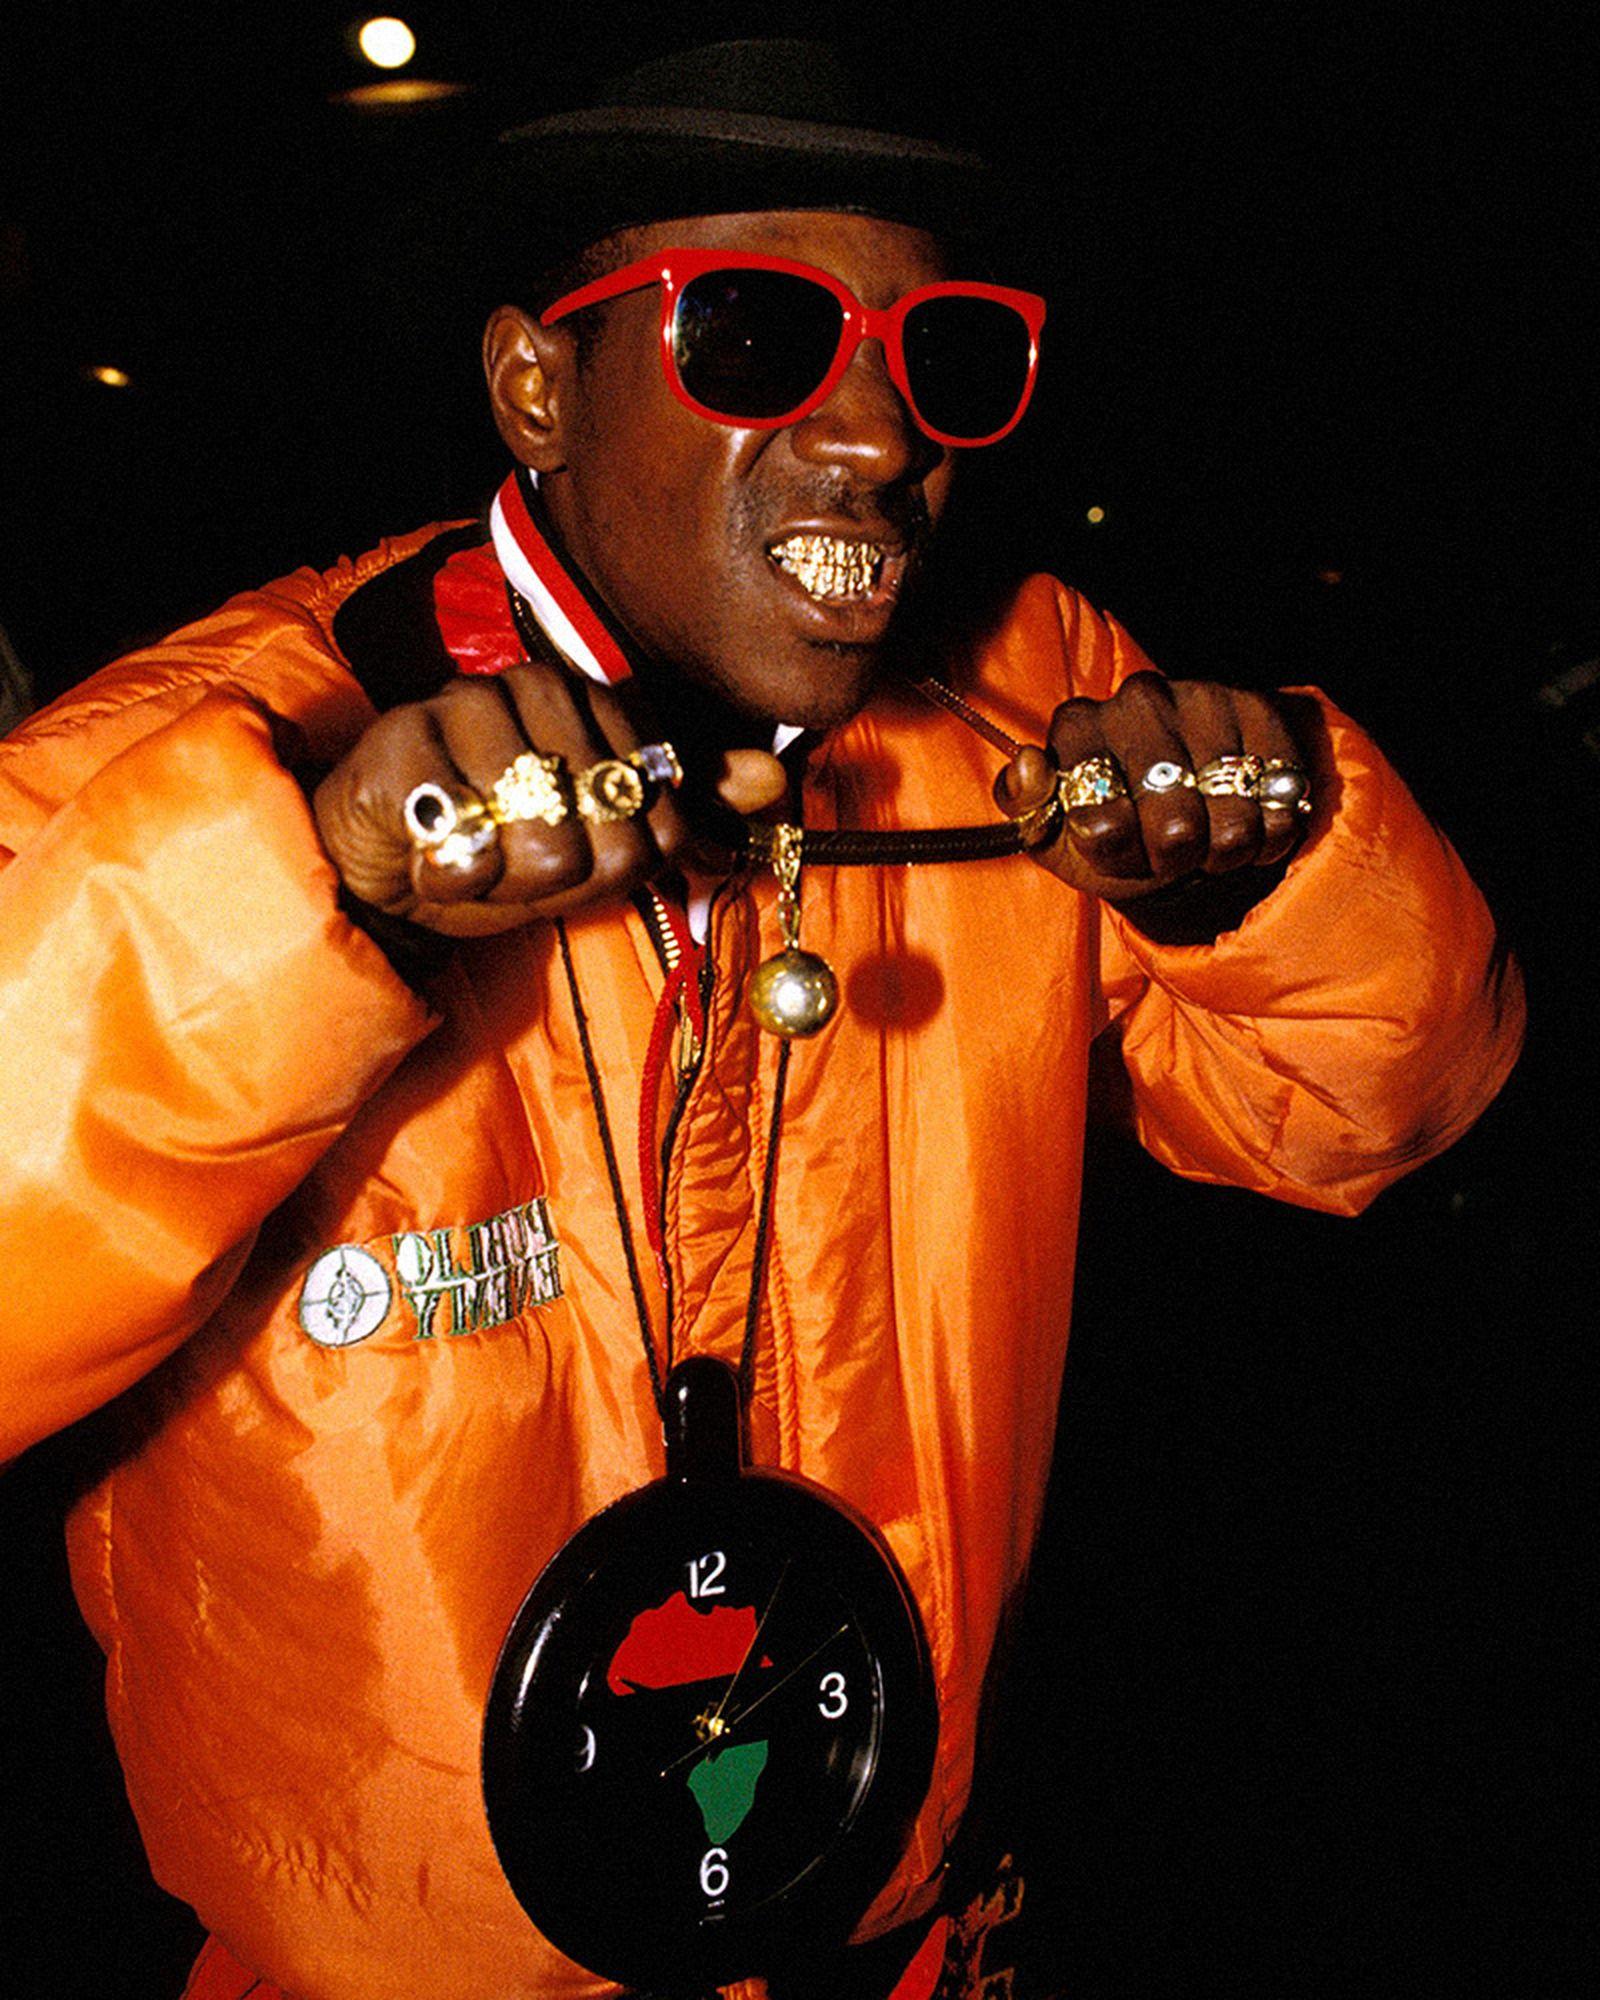 brief-history-grills-hip-hop-07